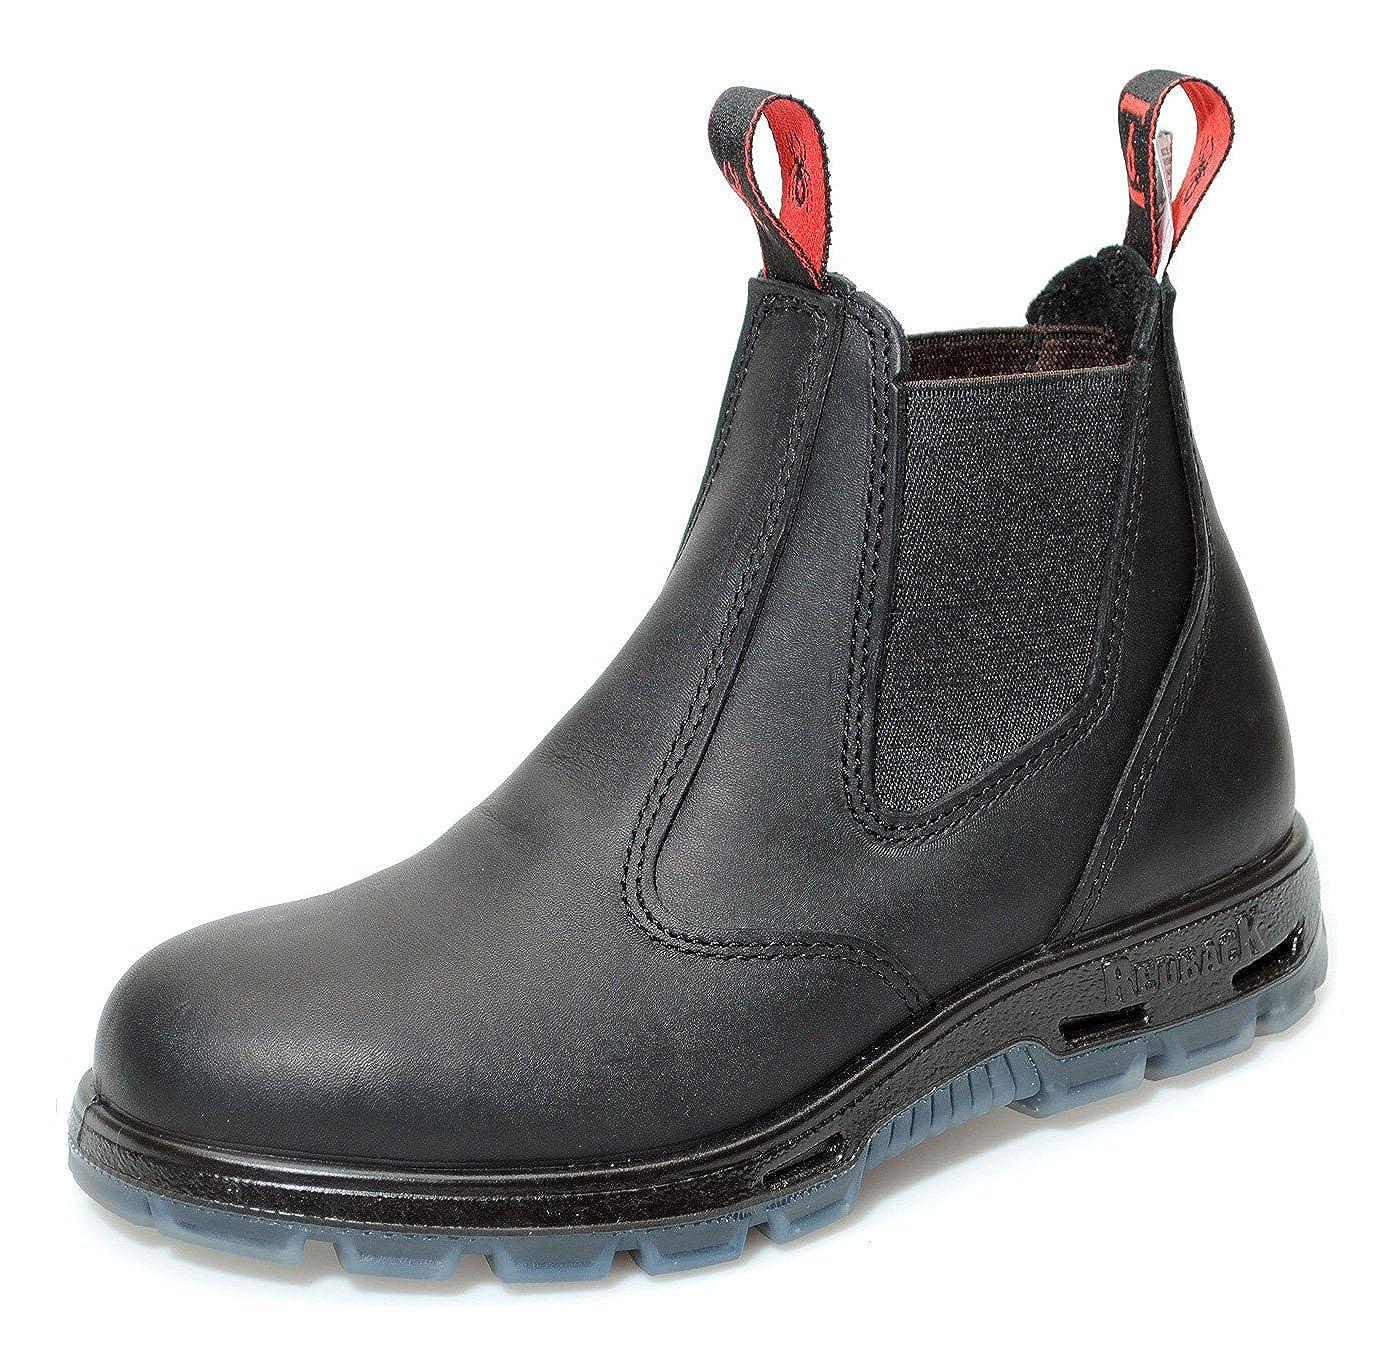 Redback USBBK Safety Work Boots aus Australien - mit Stahlkappe ml - Unisex + 250 ml Stahlkappe Lederpflege   Black/Schwarz Schwarz (Black) 7a8f14